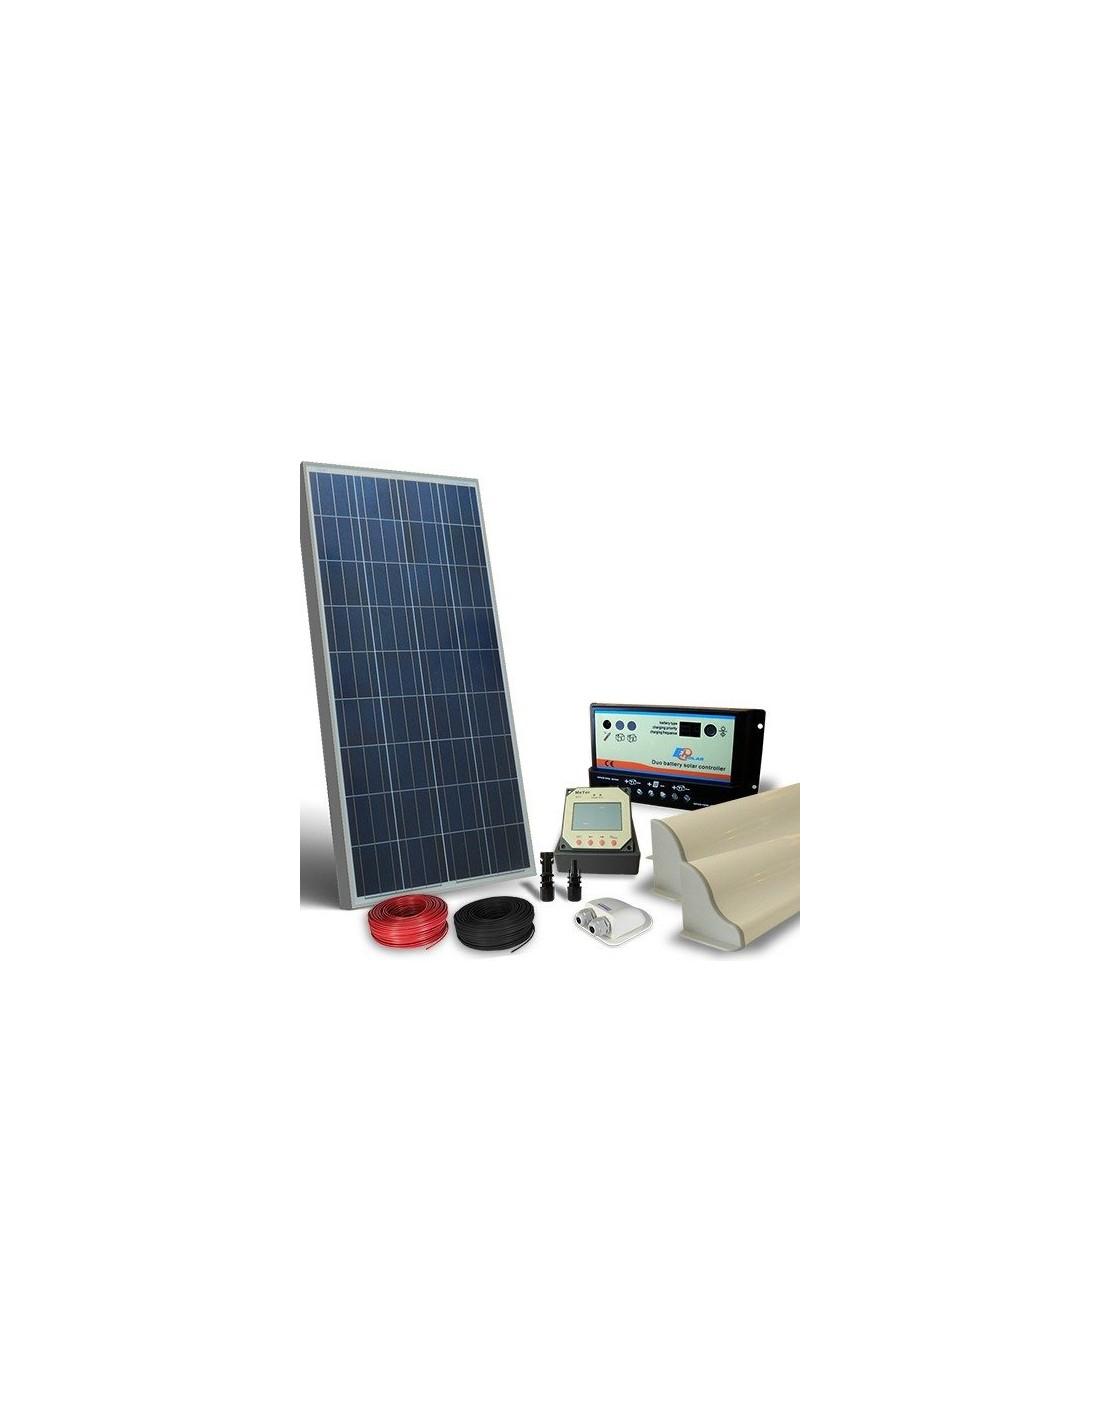 Schema Collegamento Fotovoltaico : Kit solare camper w v pro pannello fotovoltaico regolatore